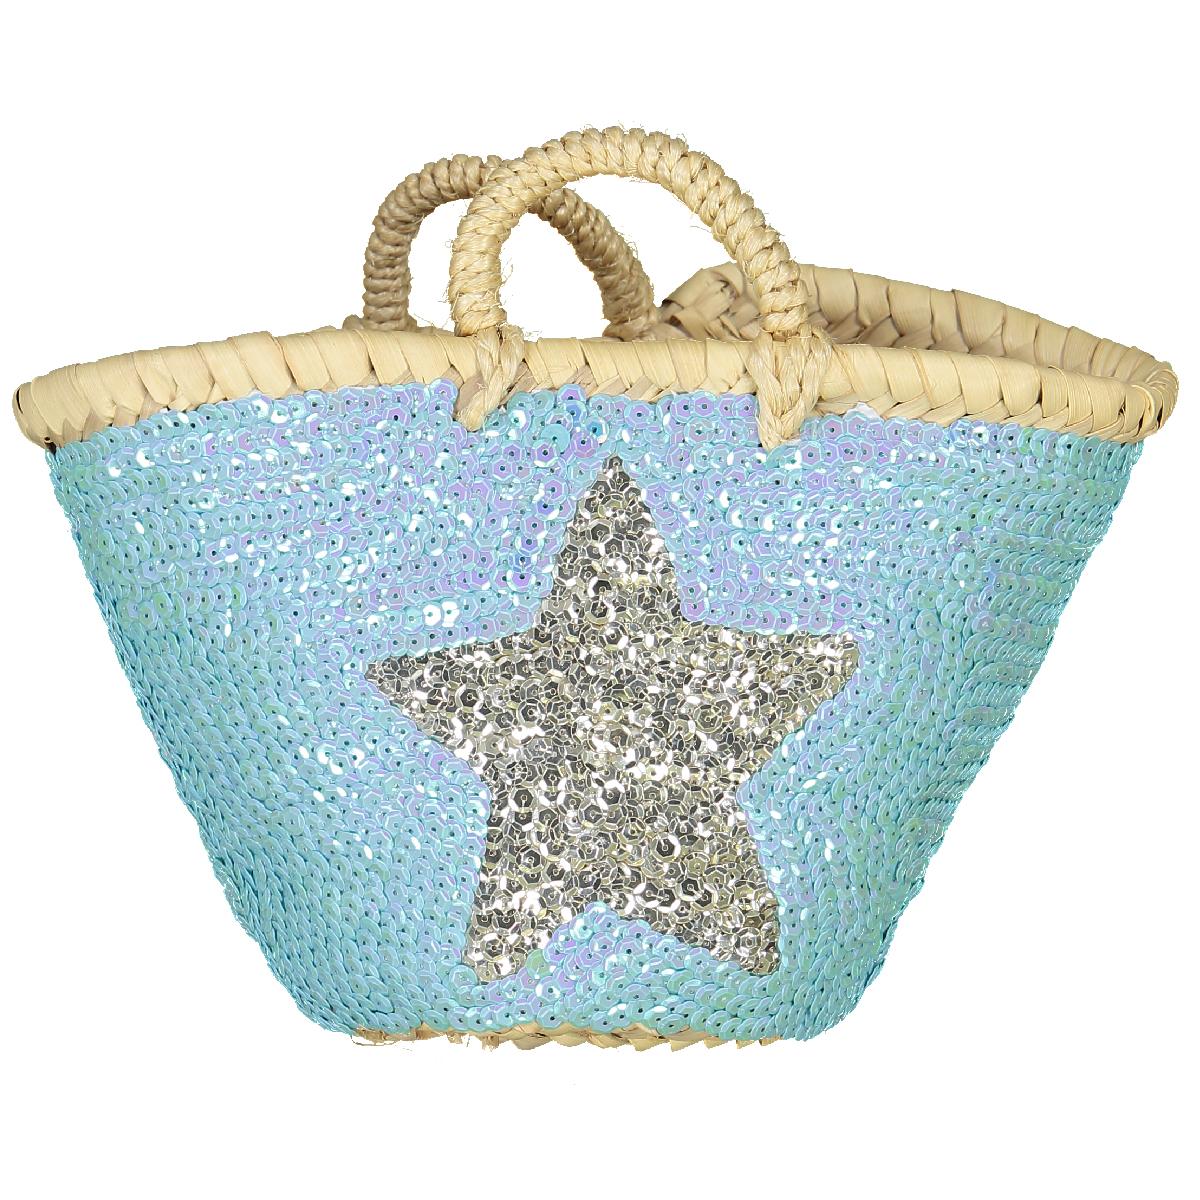 Panier en osier tressé à sequins avec étoiles